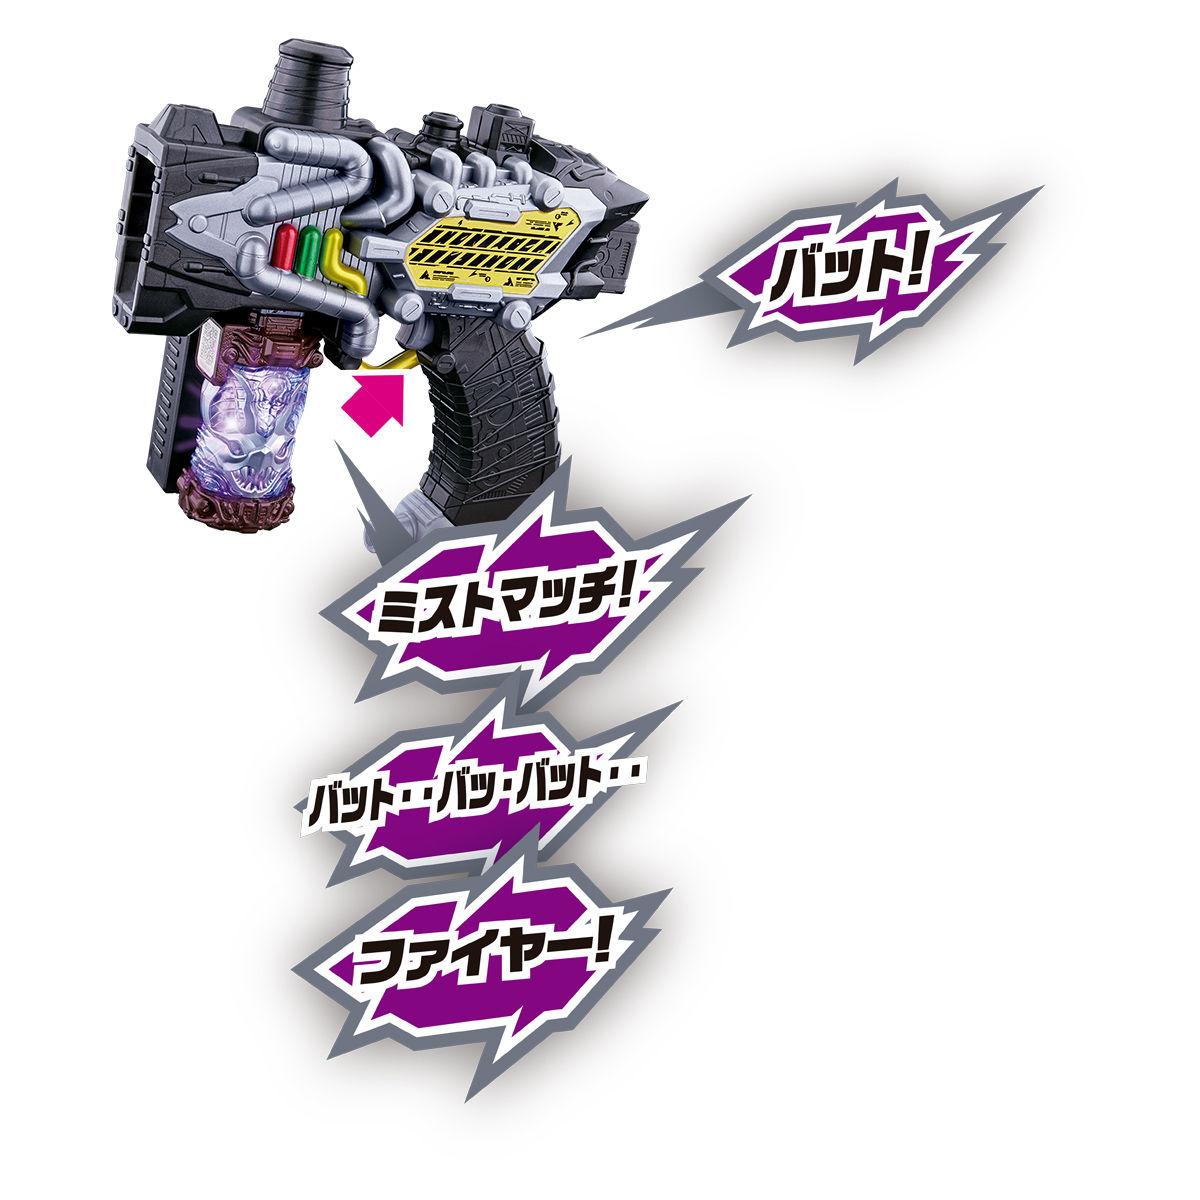 変身煙銃 DXトランスチームガン